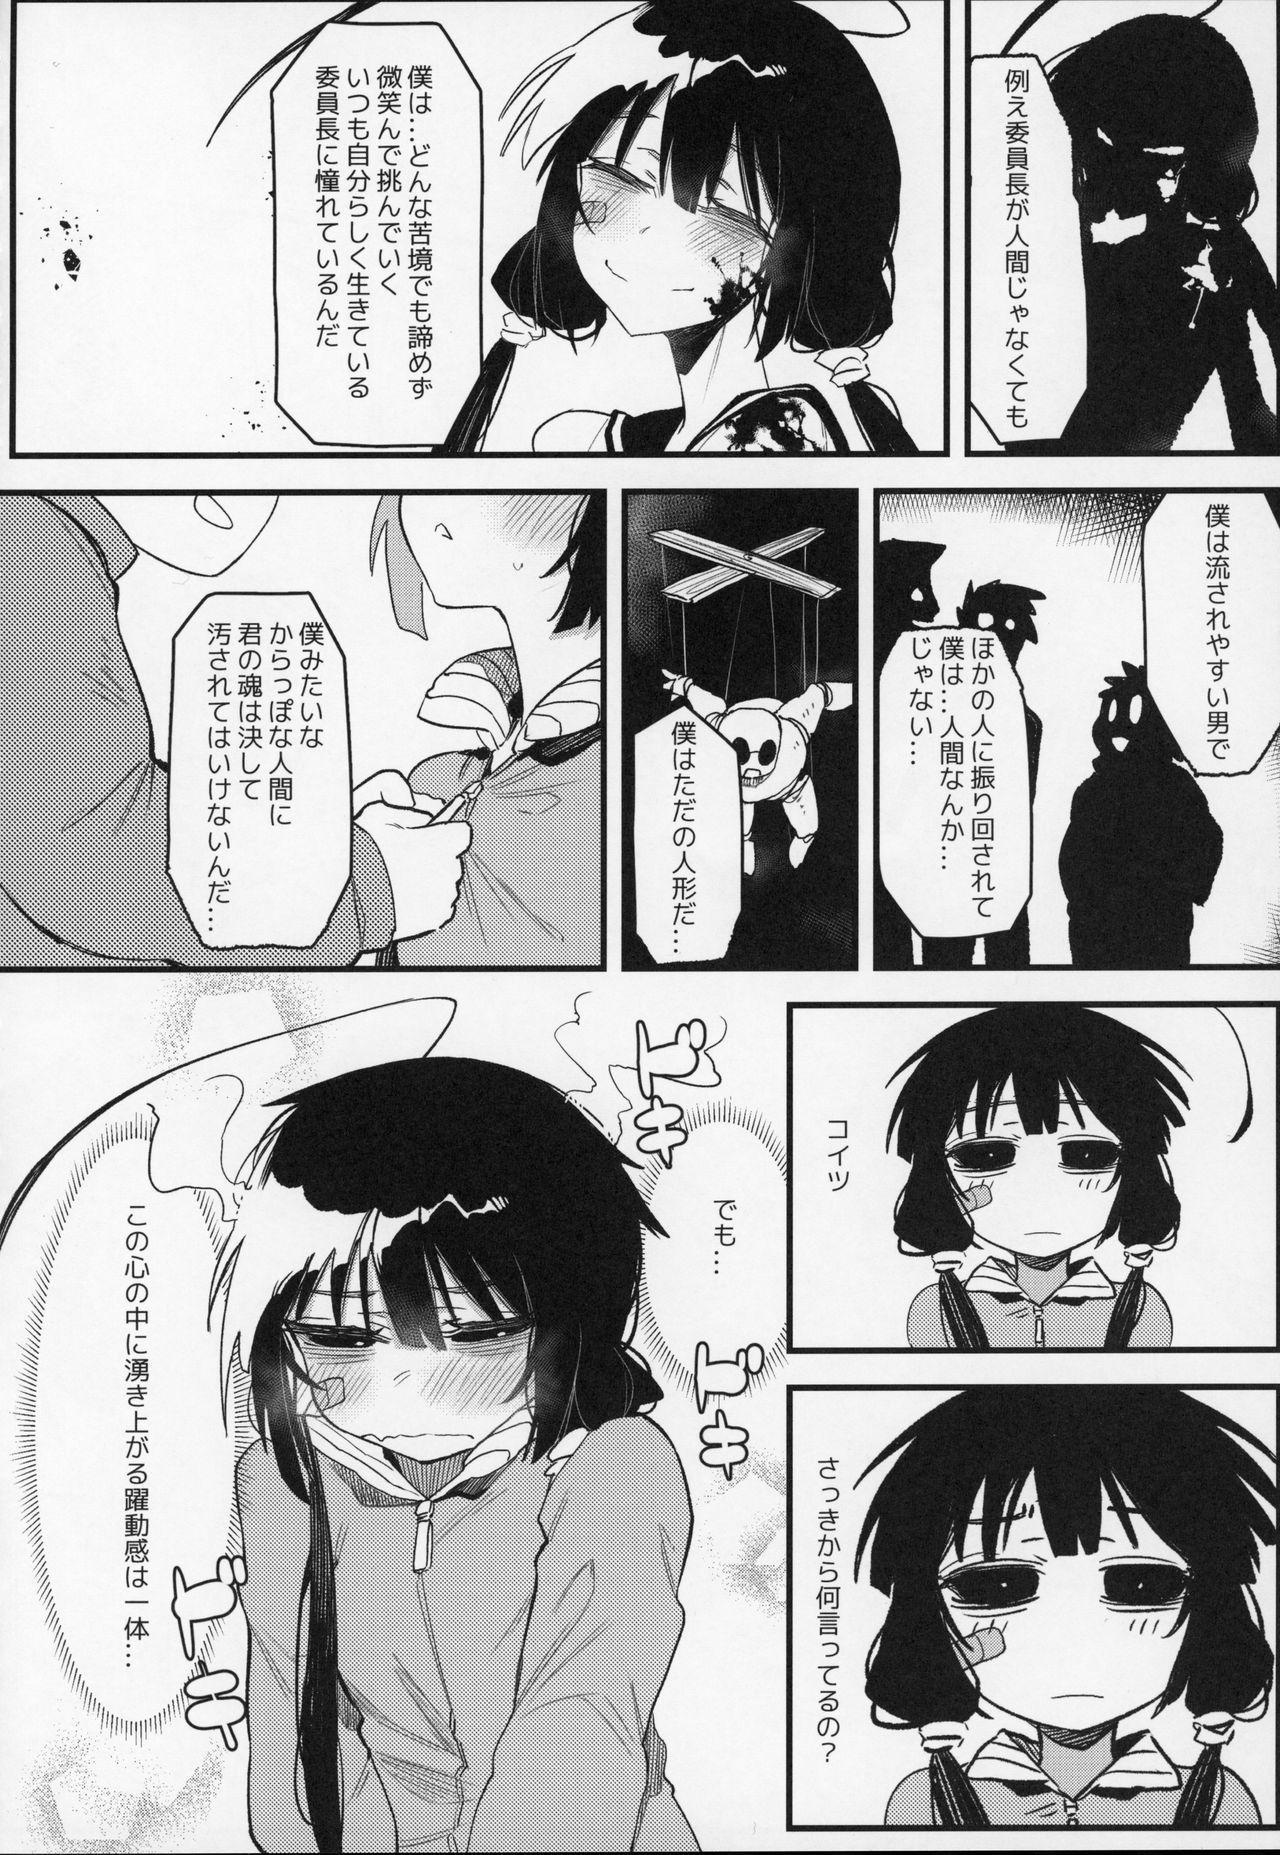 Hoshoku Shoujo IV 14